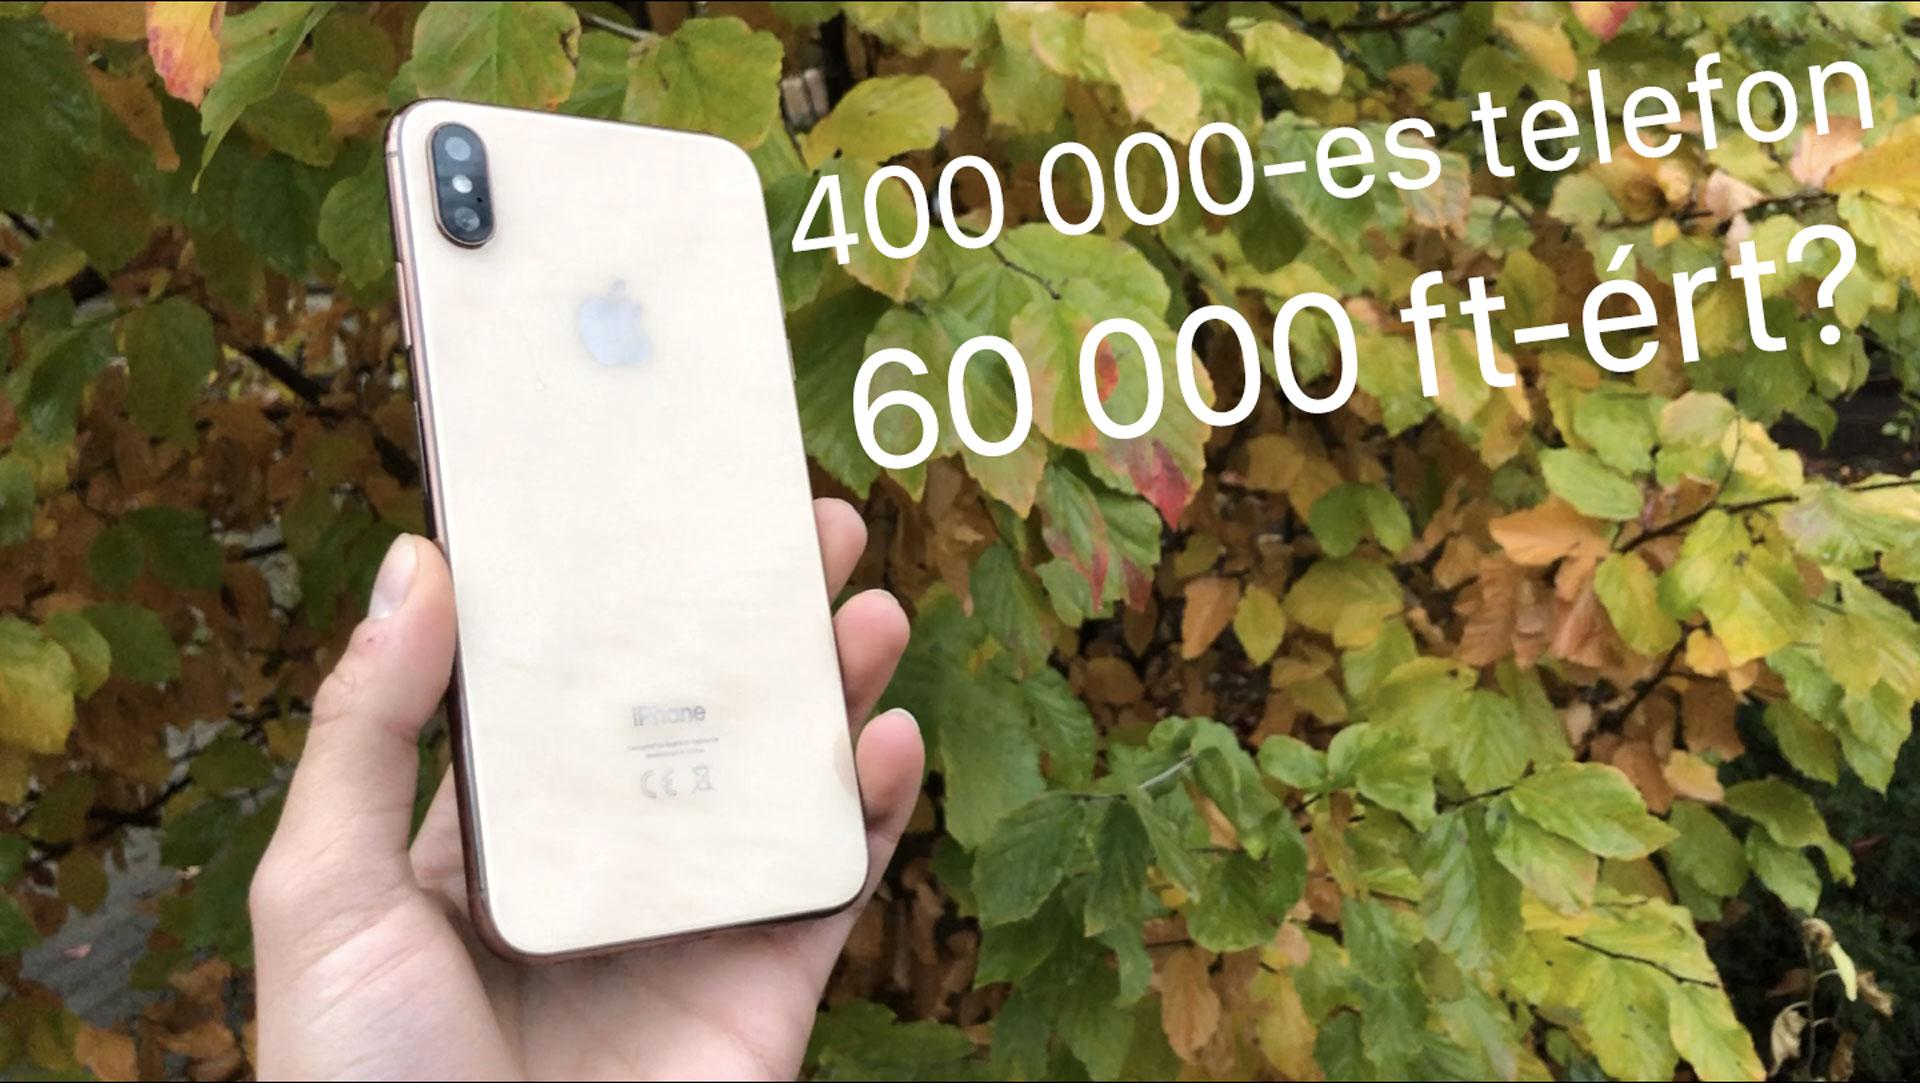 iPhone XS Max 60 000 forintért?! (KLÓN) [videó]